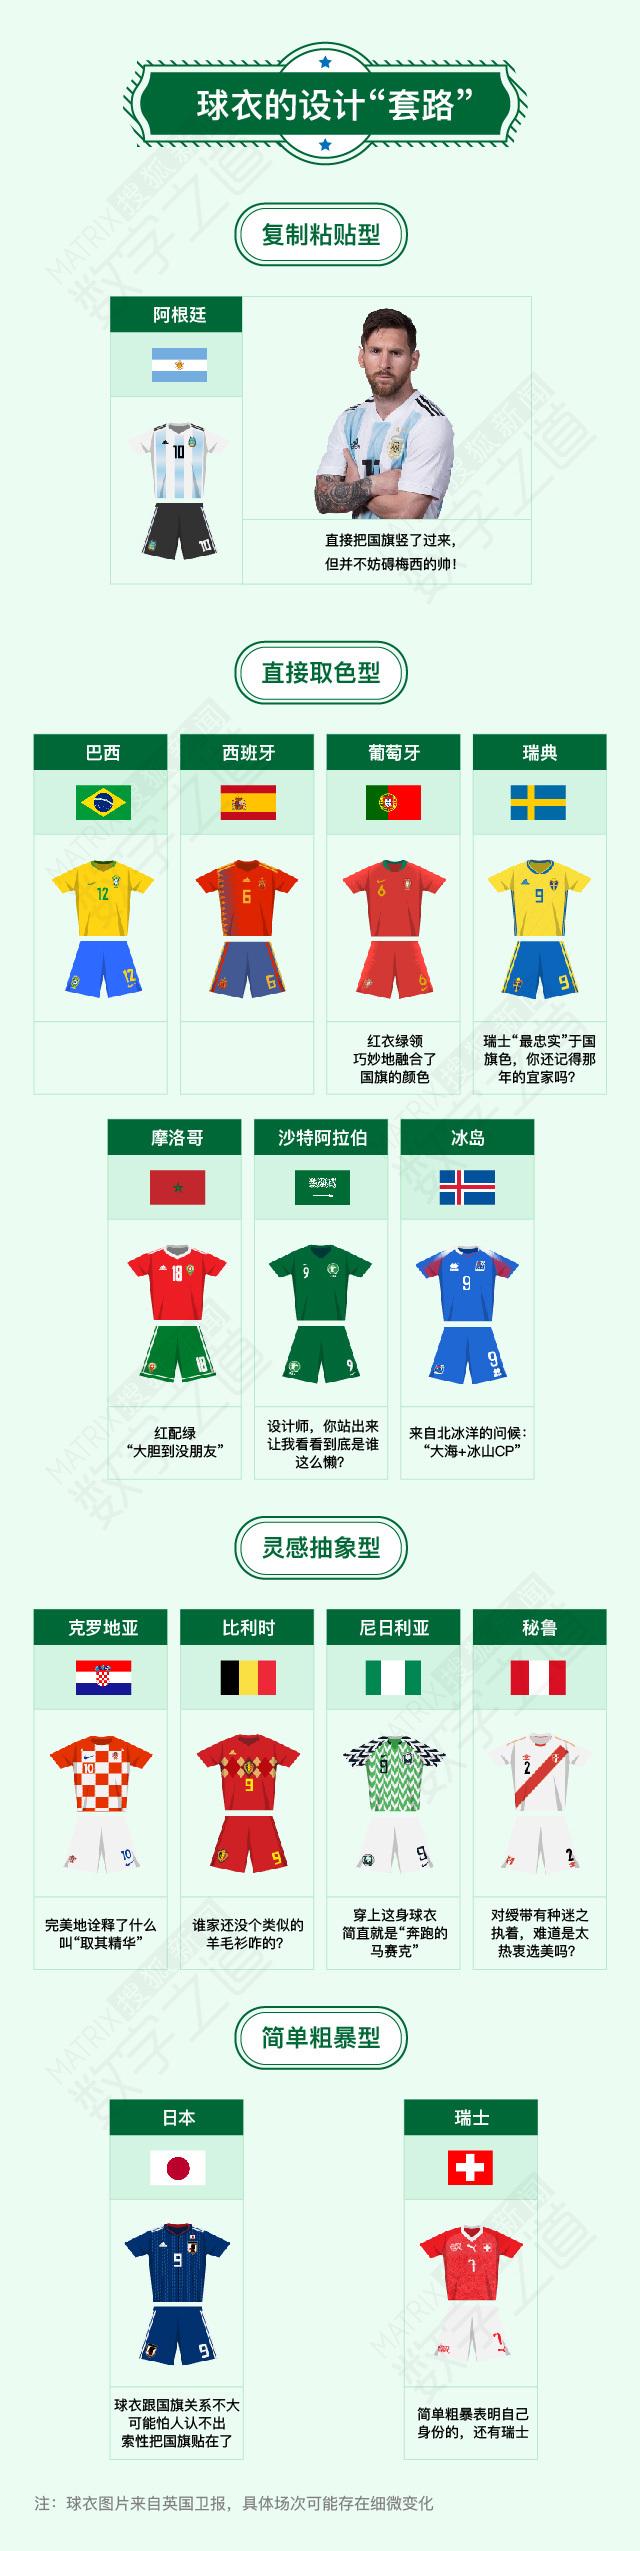 64套世界杯球衣的秘密 中国队如果出线能穿啥?